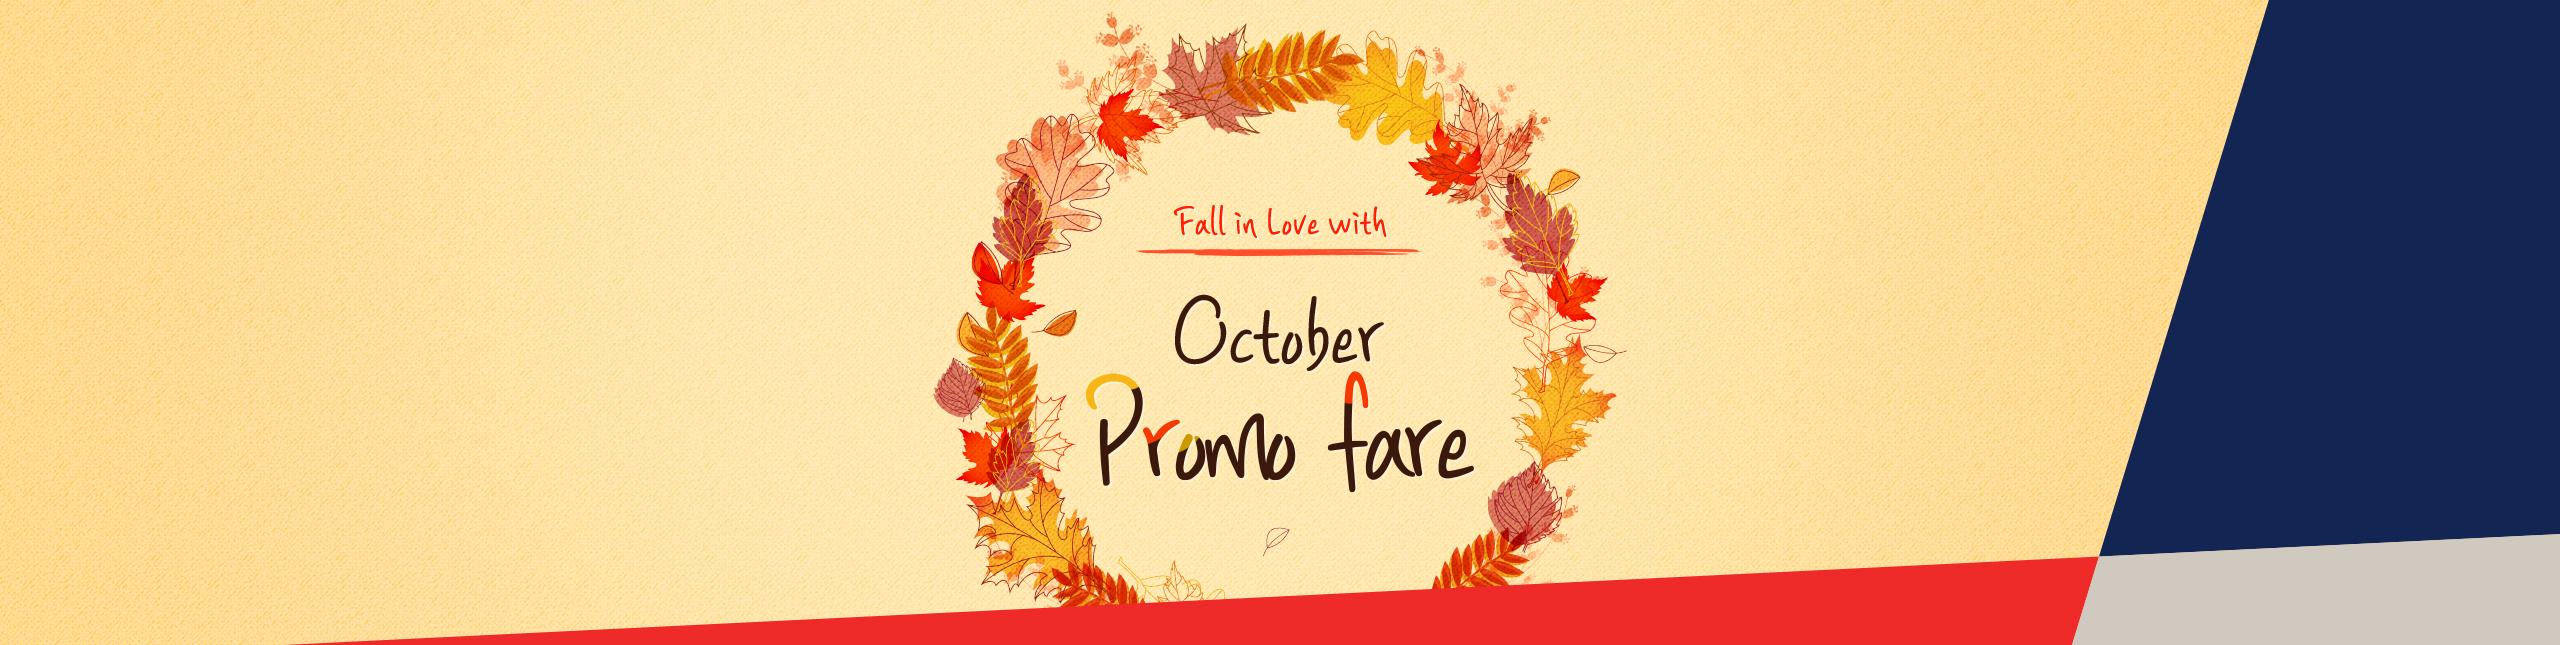 October Promo Fare